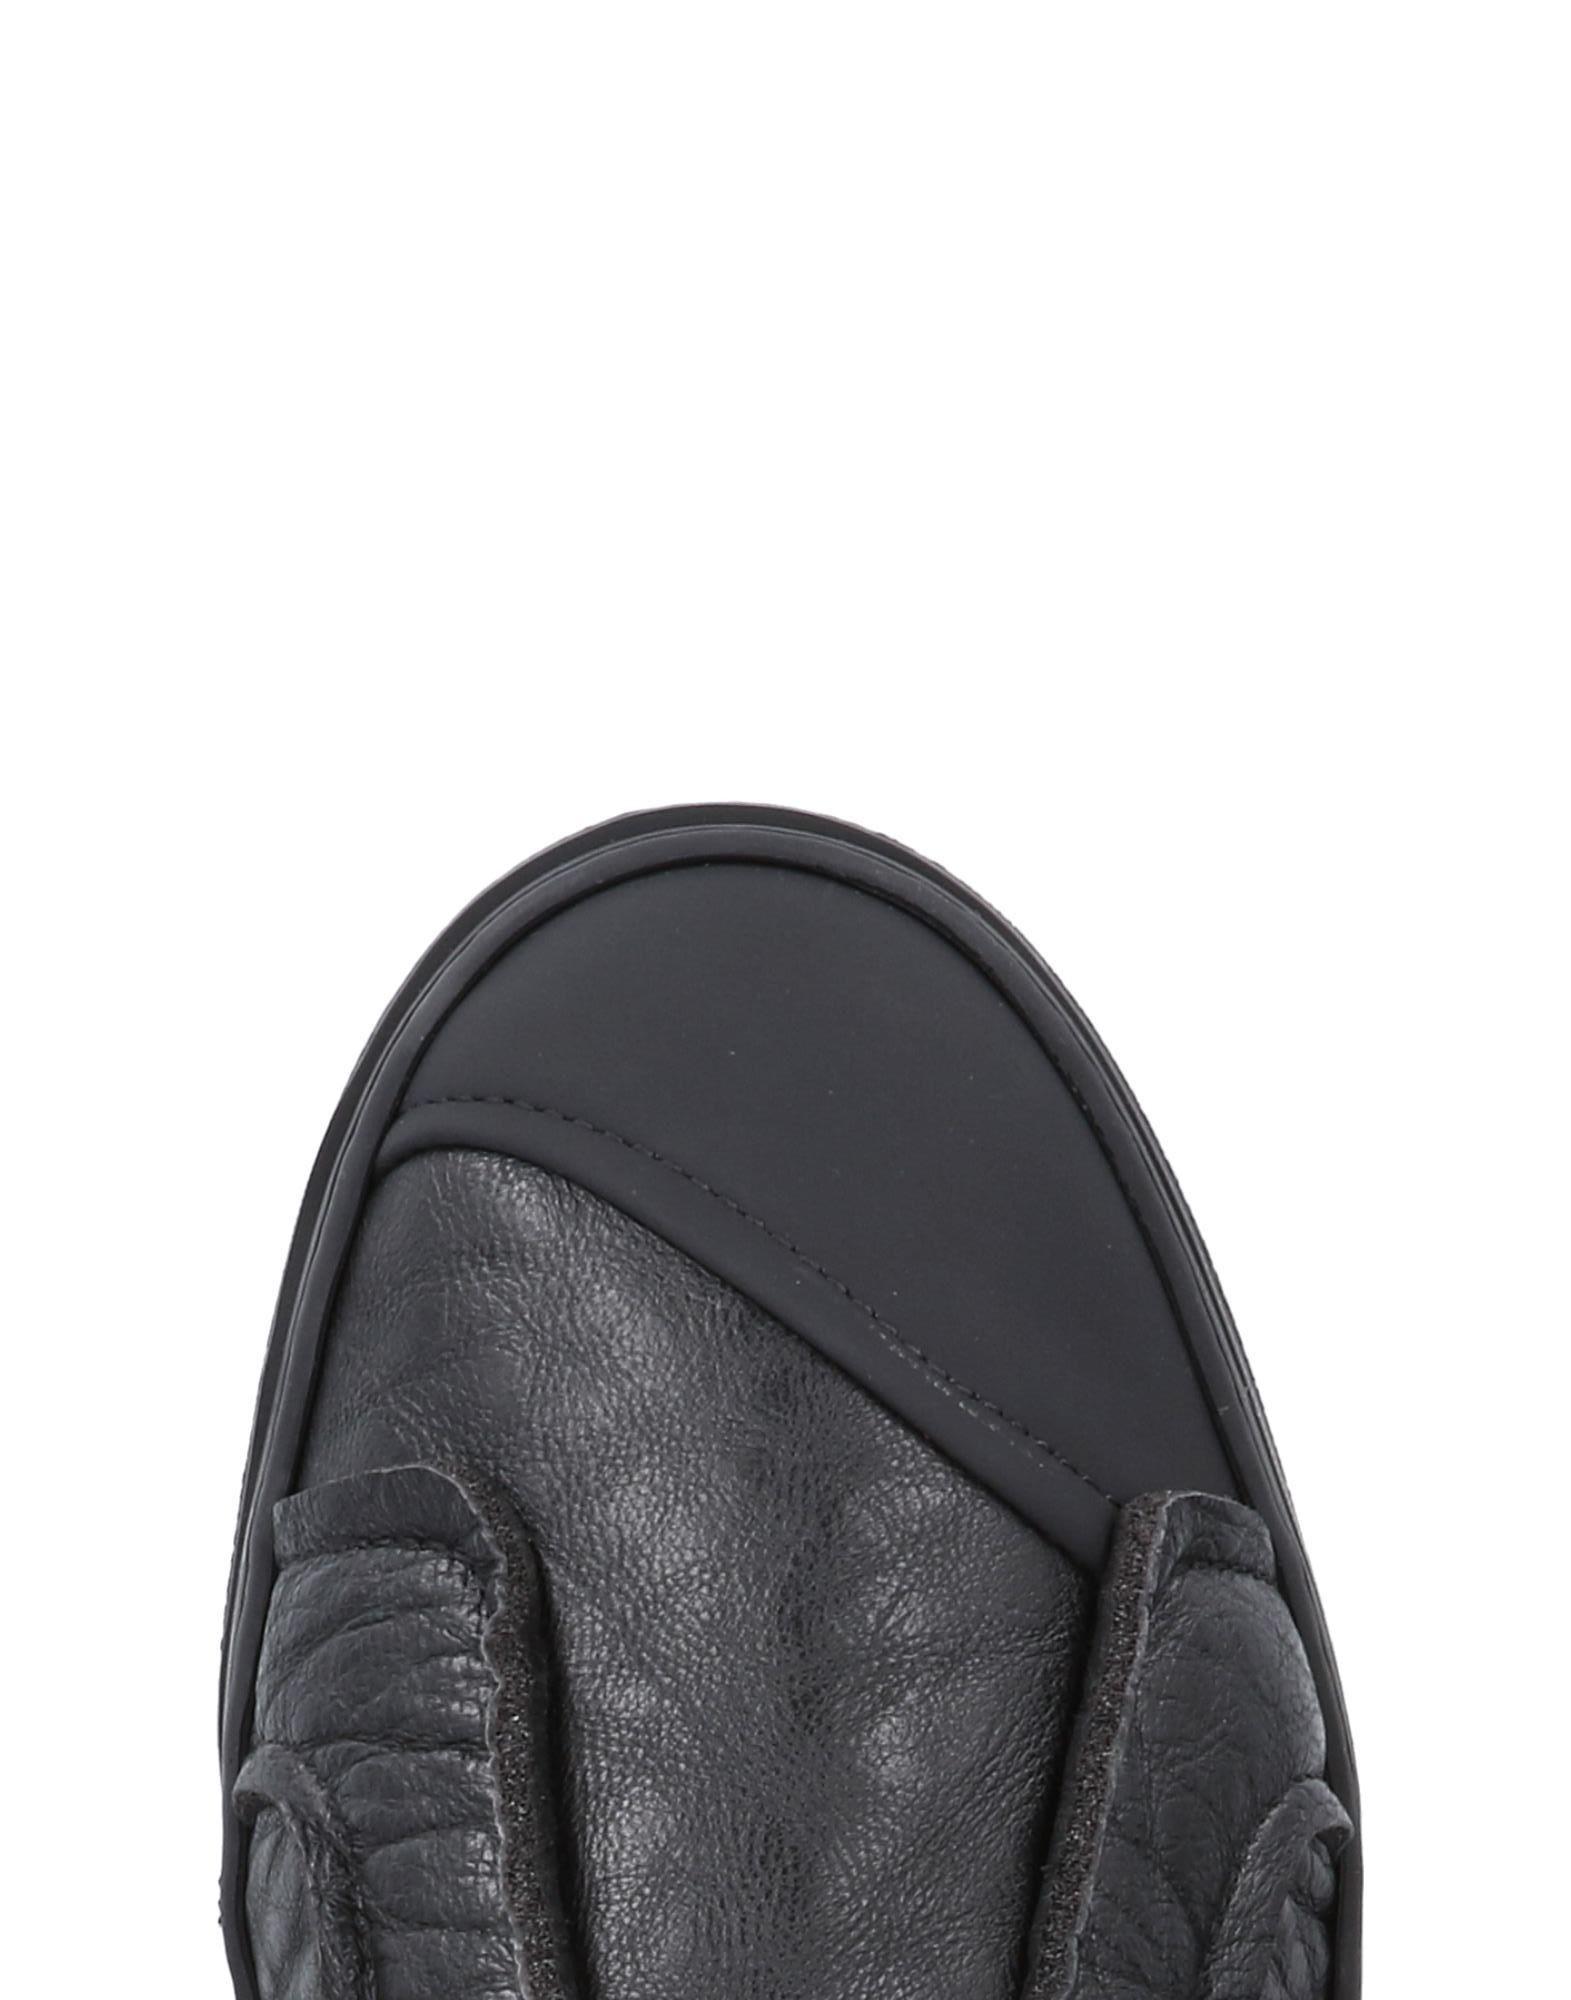 Bruno Bordese Sneakers Qualität Herren  11496756WA Gute Qualität Sneakers beliebte Schuhe db94b0